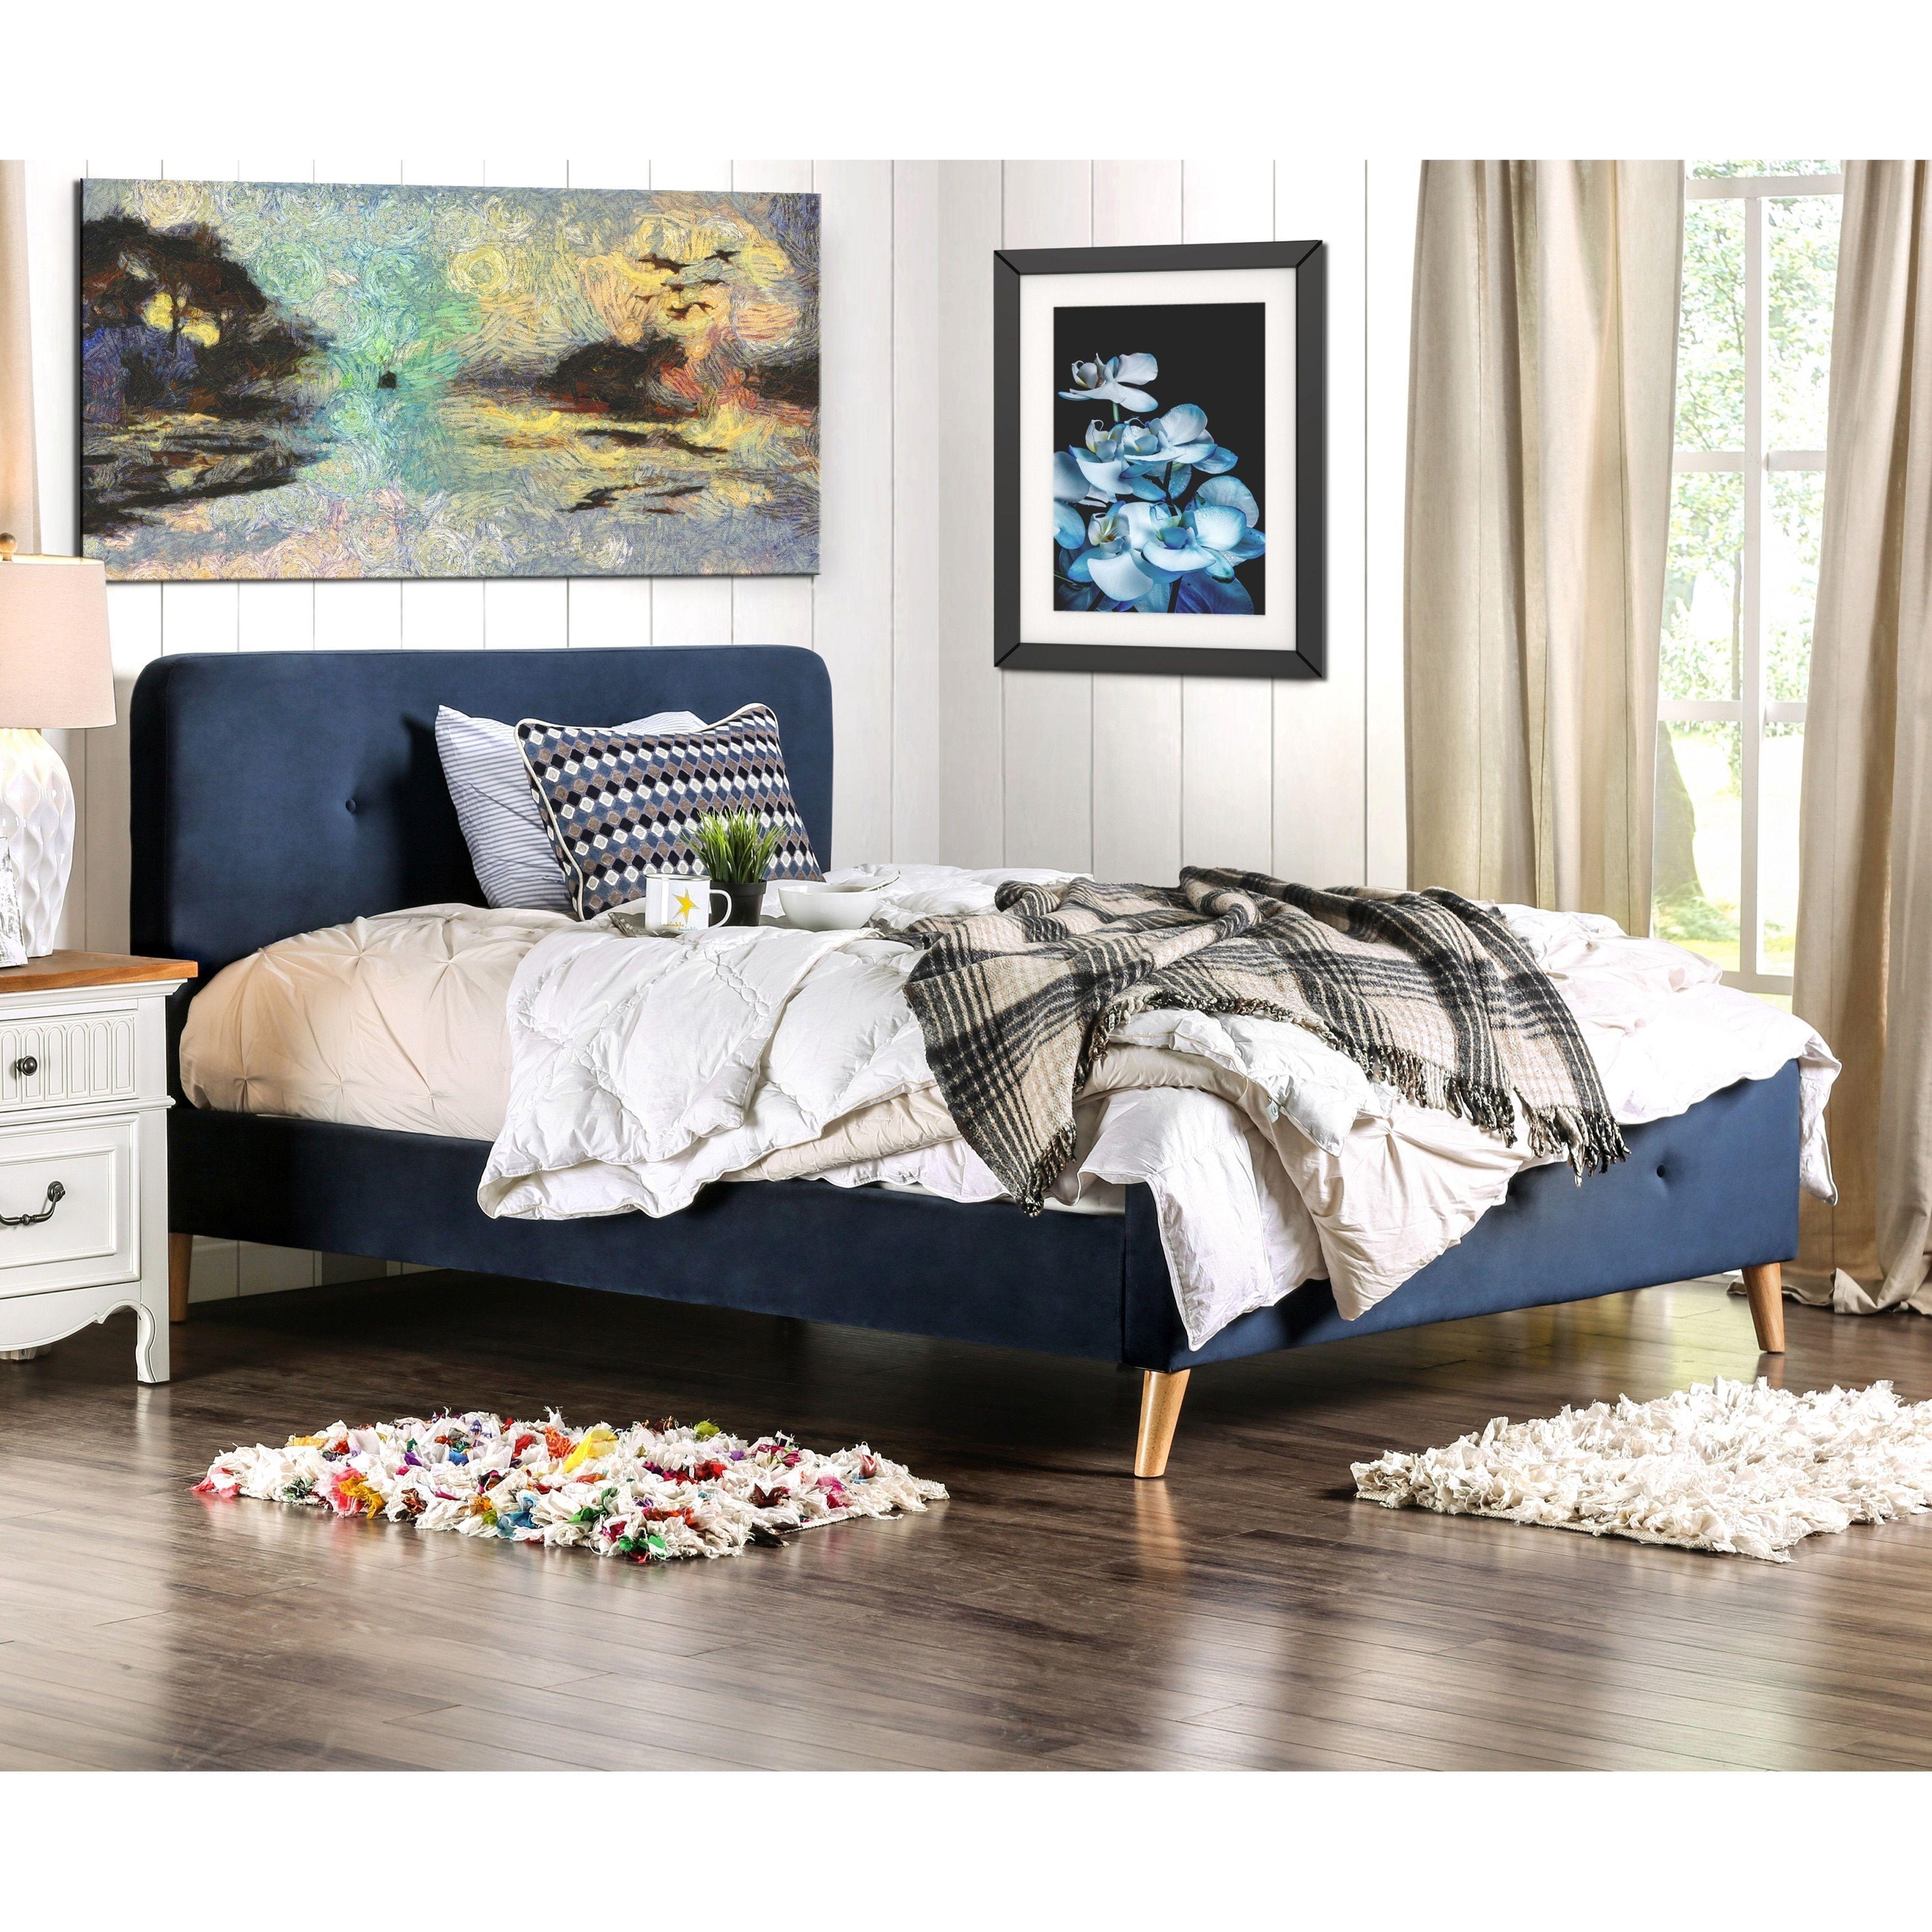 Best Furniture Of America Celene Mid Century Modern Tufted Full 400 x 300